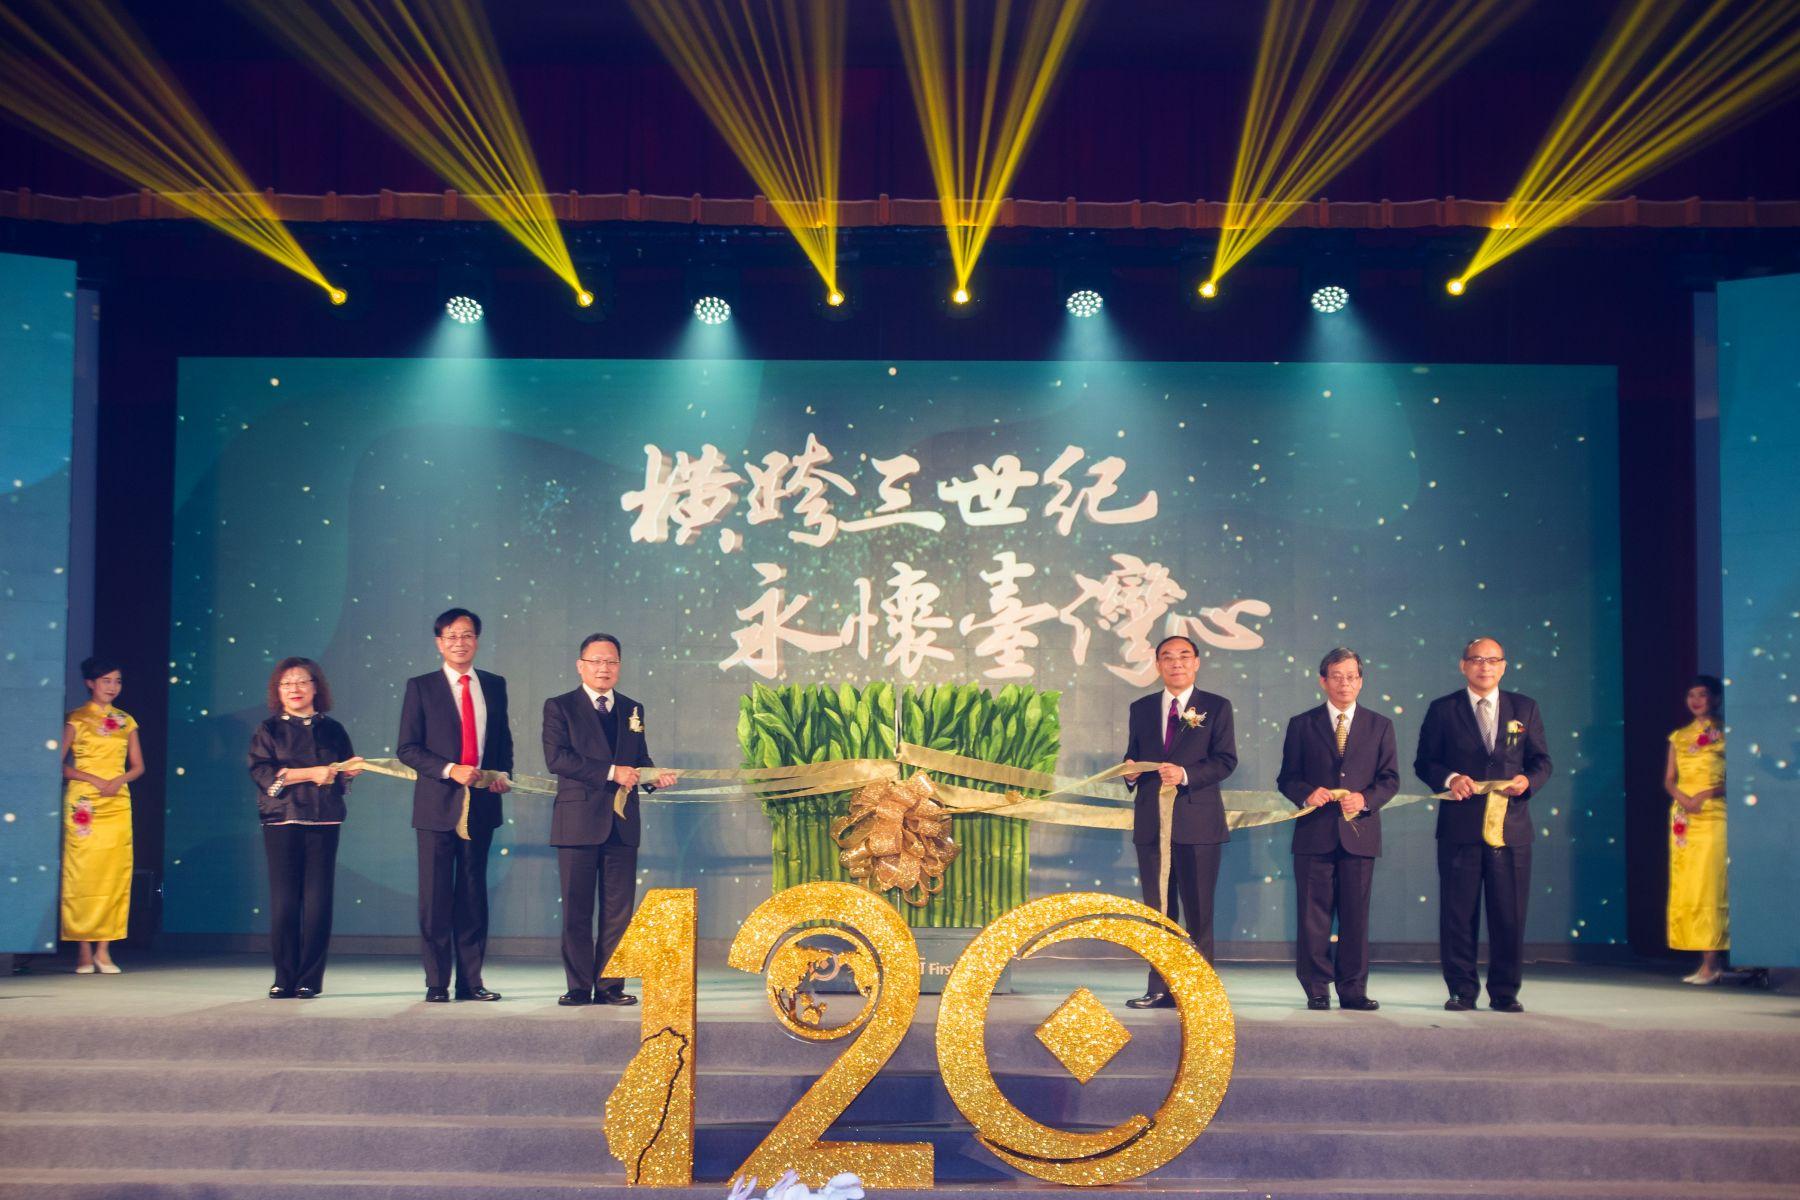 第一銀行歡慶120週年:淬鍊百年,從本土蛻變為國際性銀行,獲利亮眼